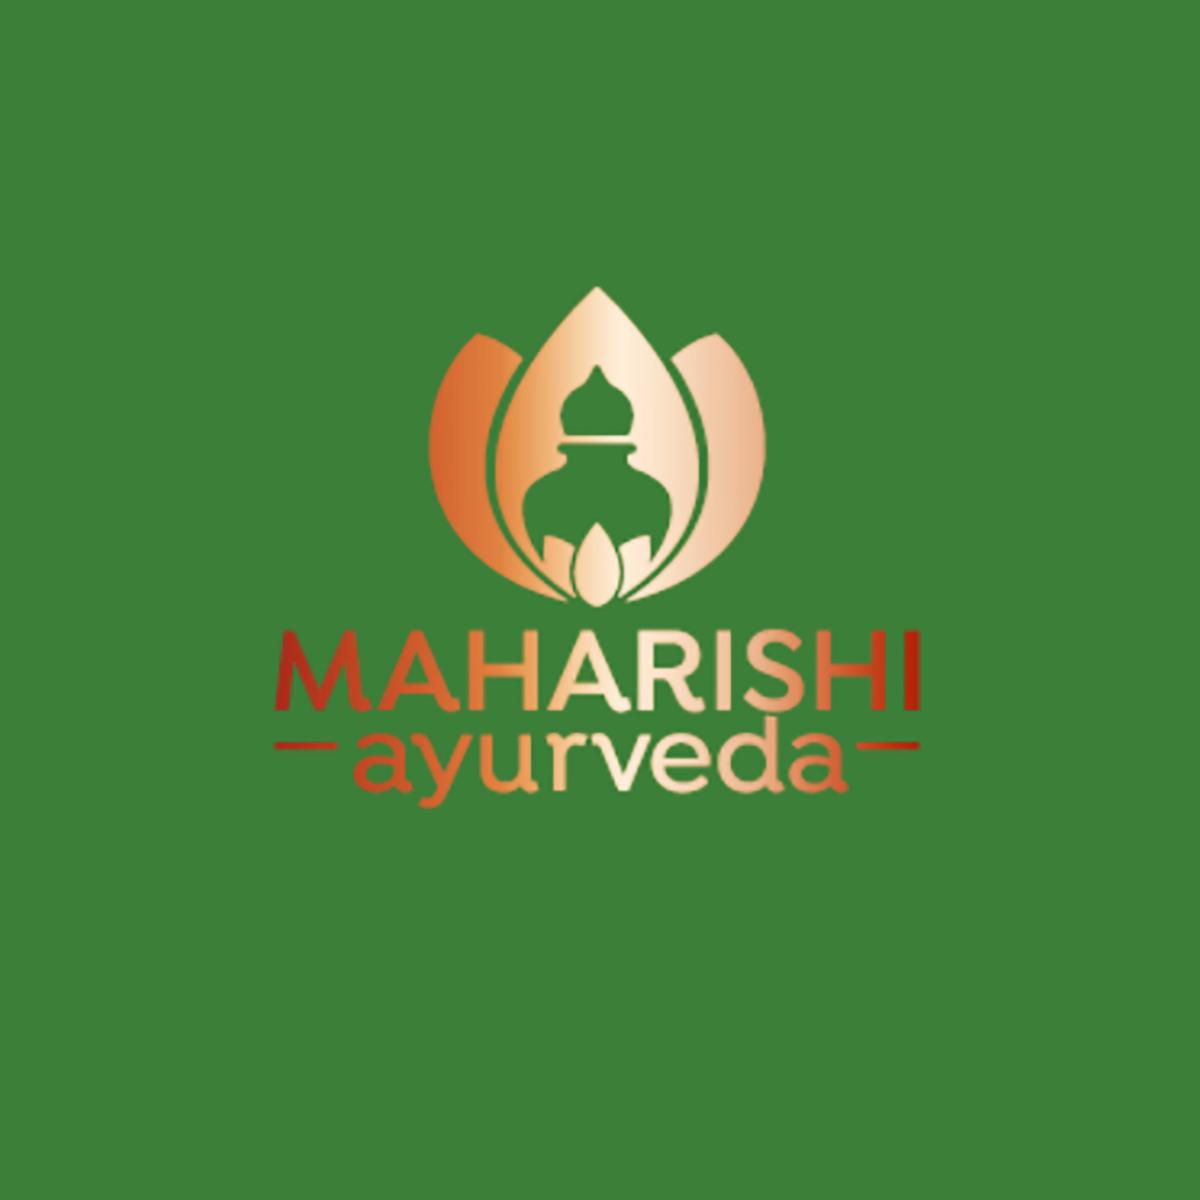 Maharashi ayurveda